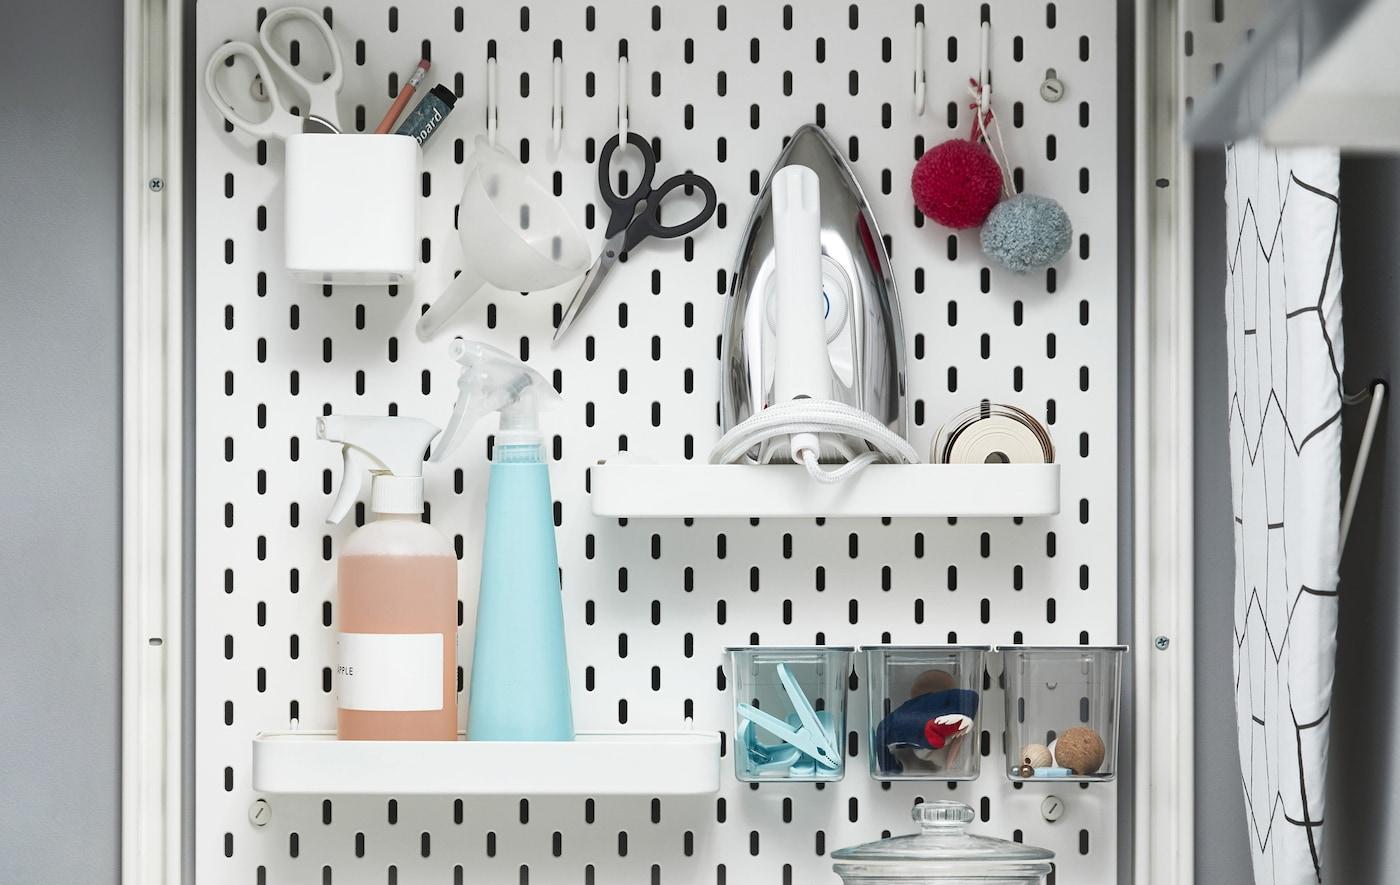 Wäscheutensilien auf Regalen, sowie in Töpfen und an Haken an einer weißen Lochplatte